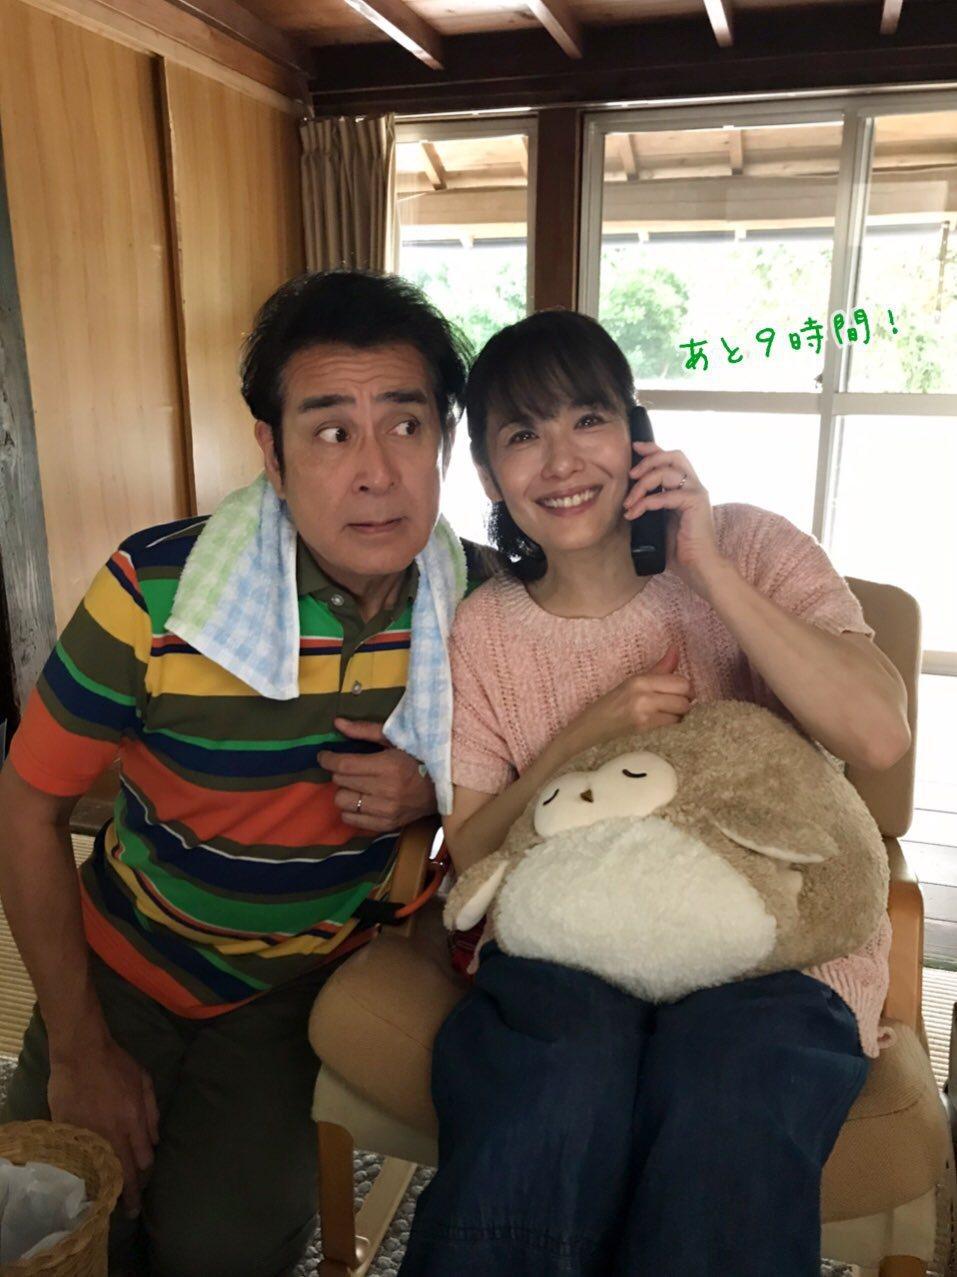 宇梶剛士(左)、富田靖子(右)在「月薪嬌妻」飾演新垣結衣的父母,宇梶剛士更激動表...